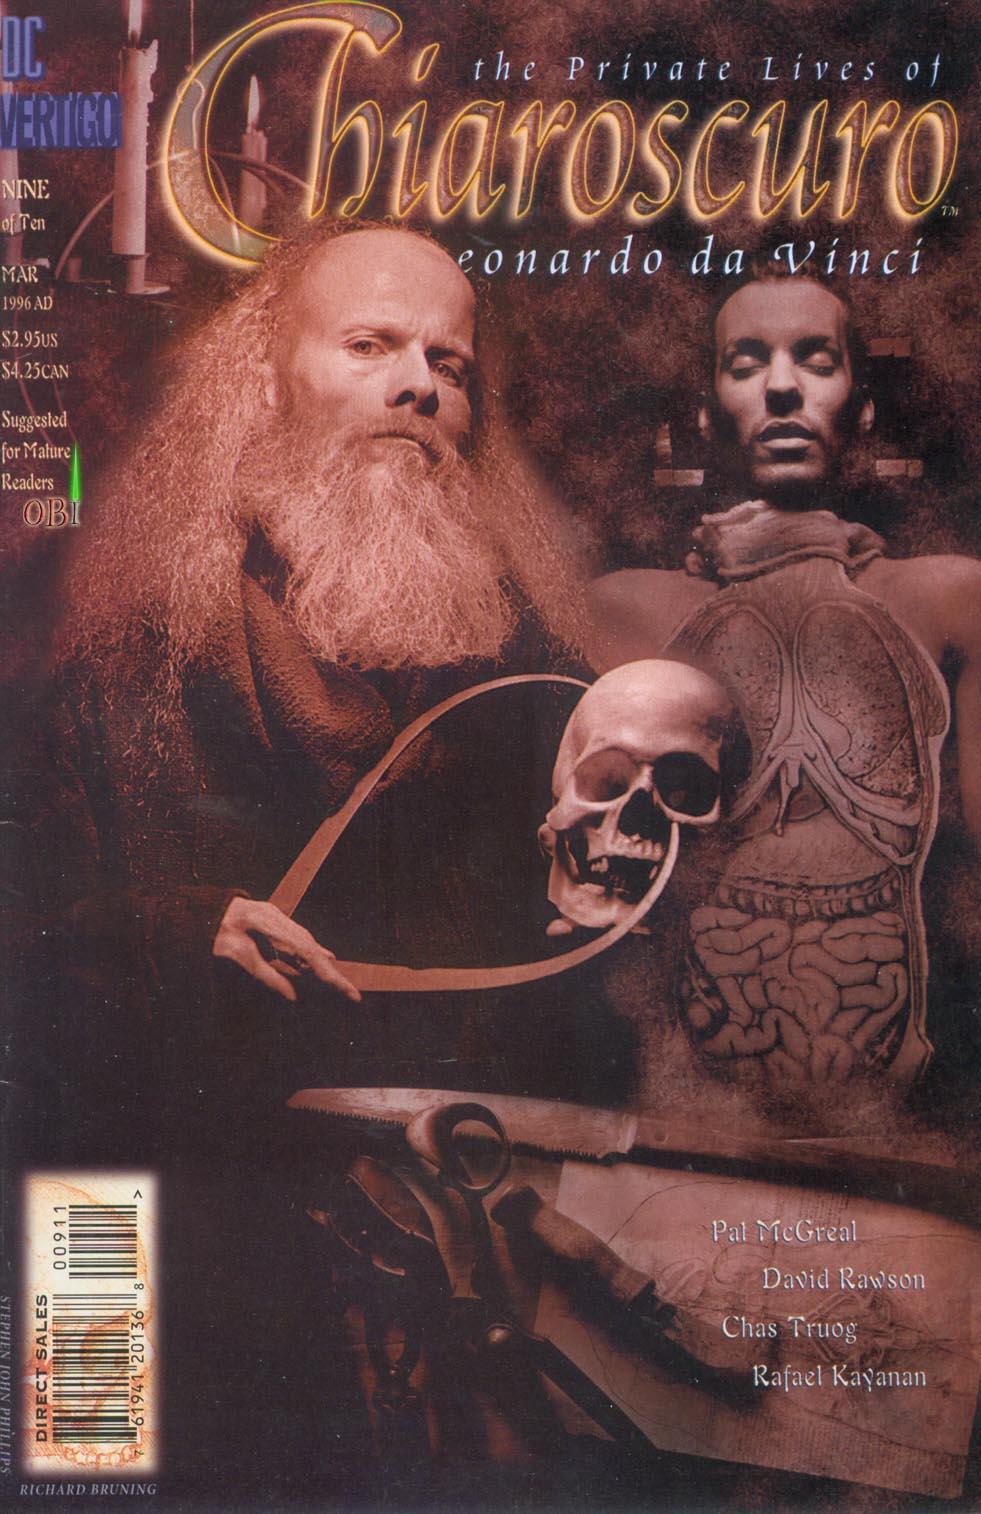 Chiaroscuro: The Private Lives of Leonardo da Vinci Vol 1 9